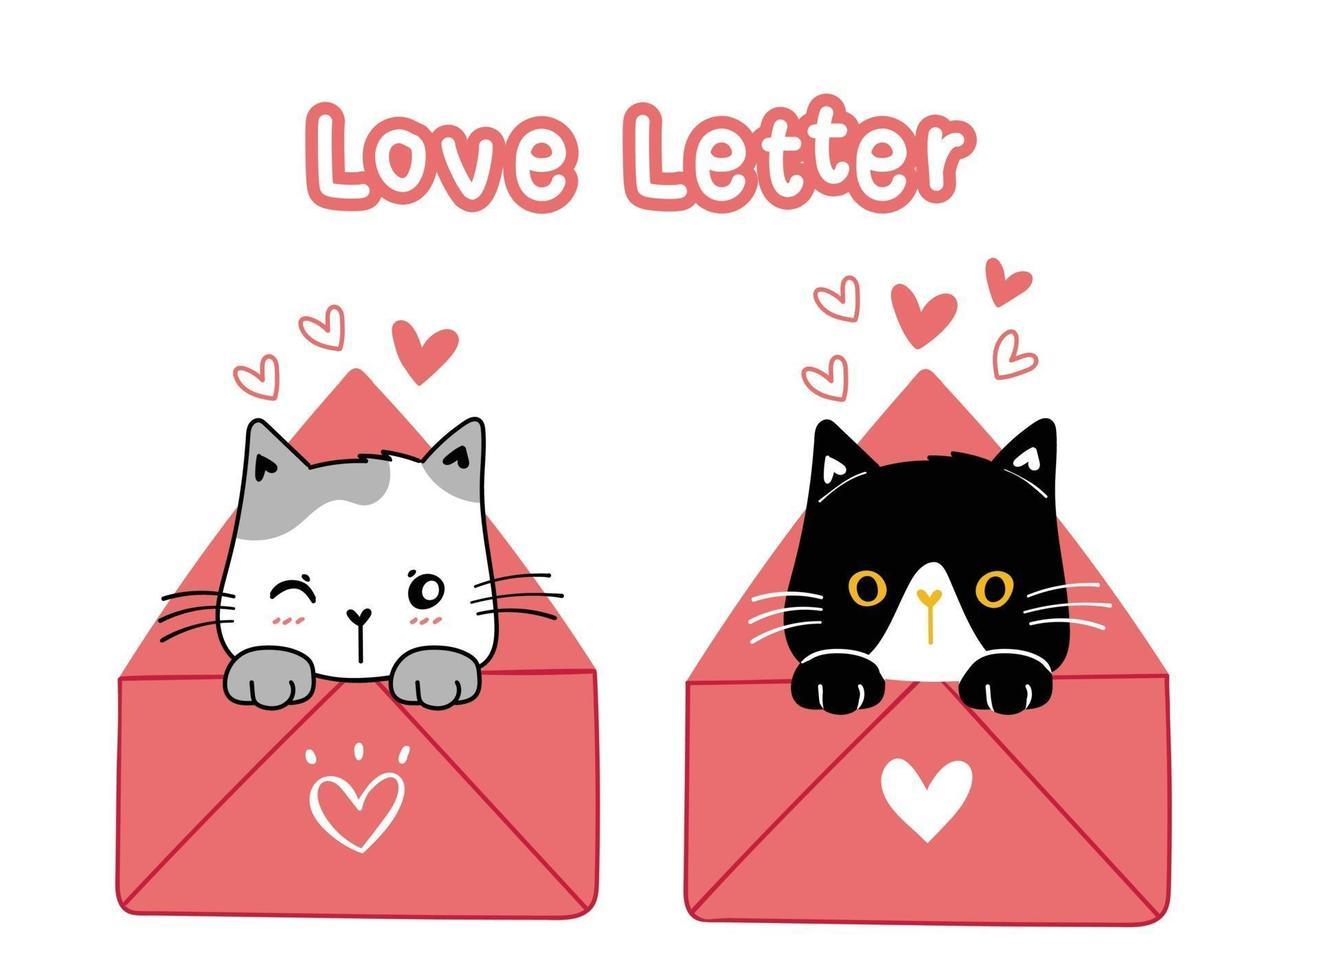 alla hjärtans svarta och vita katter med kärleksbrev vektor